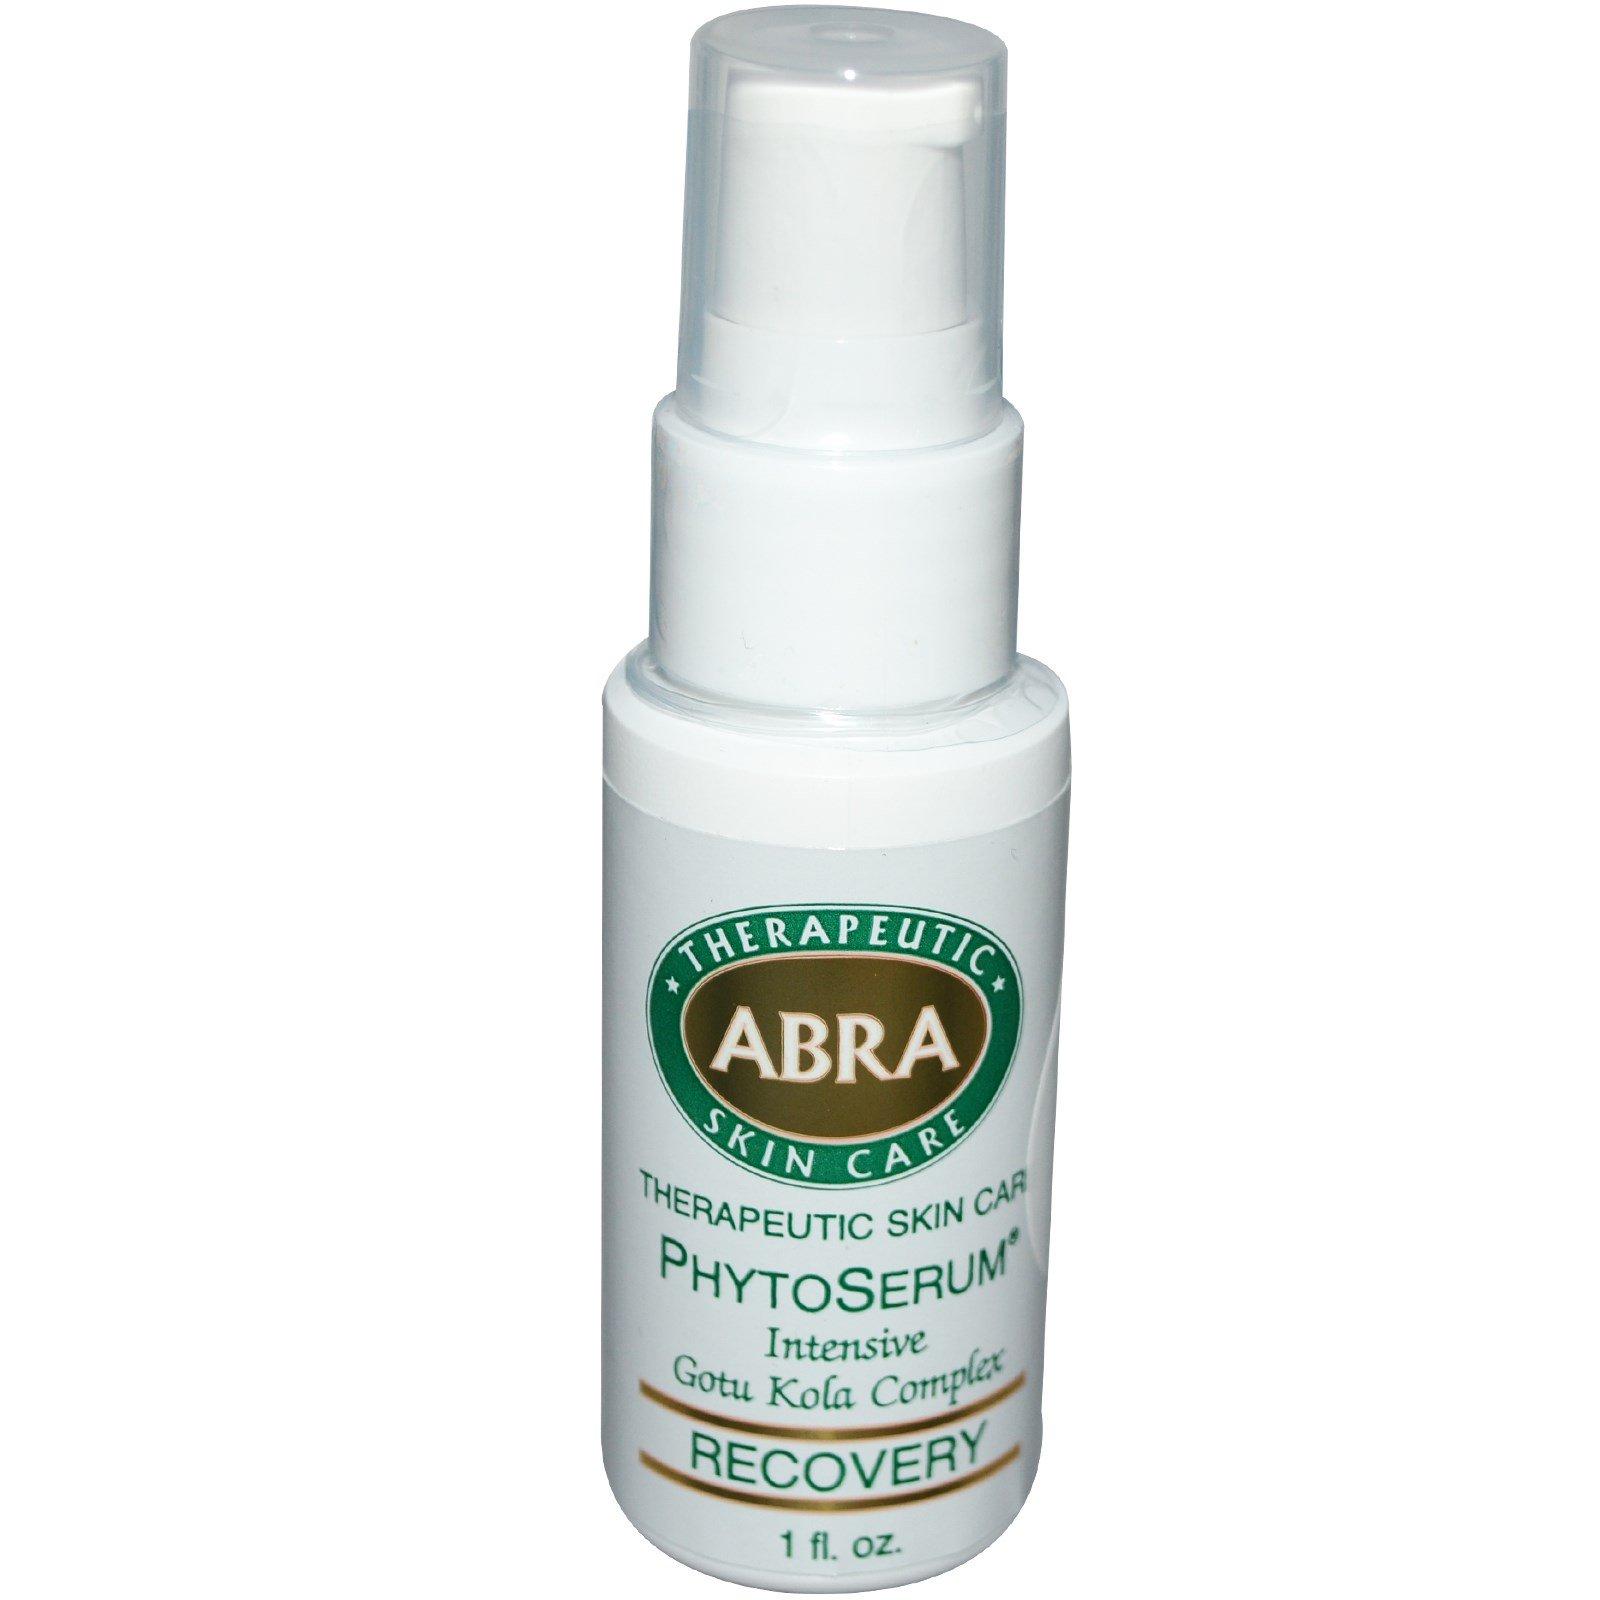 Abra Therapeutics, PhytoSerum, интенсивный комплекс готу кола, восстановление, 1 жидкая  унция